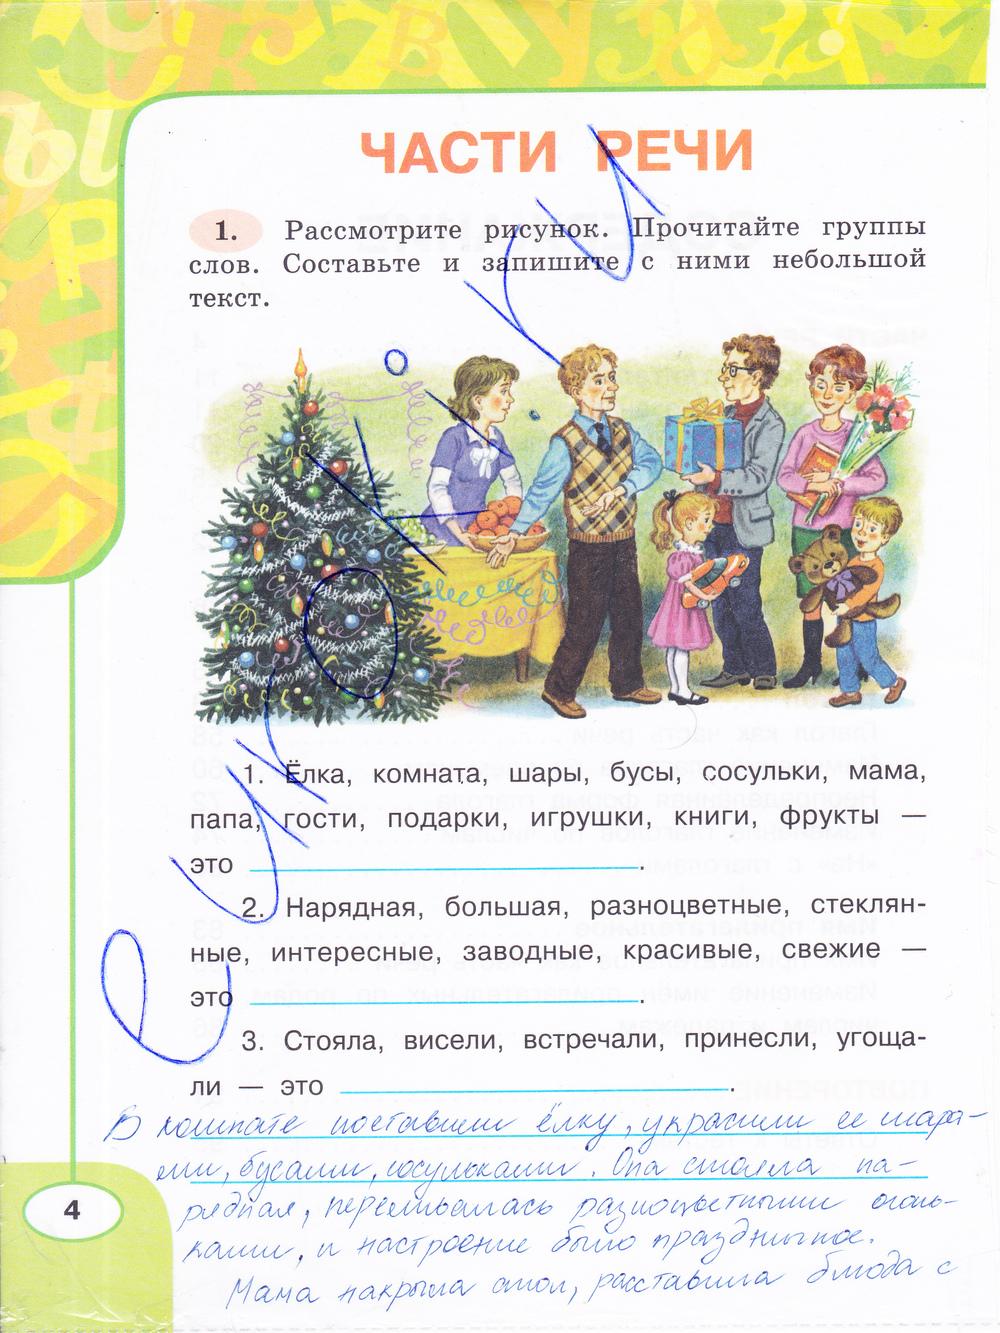 гдз по русский язык 2 класс 2 часть климанова